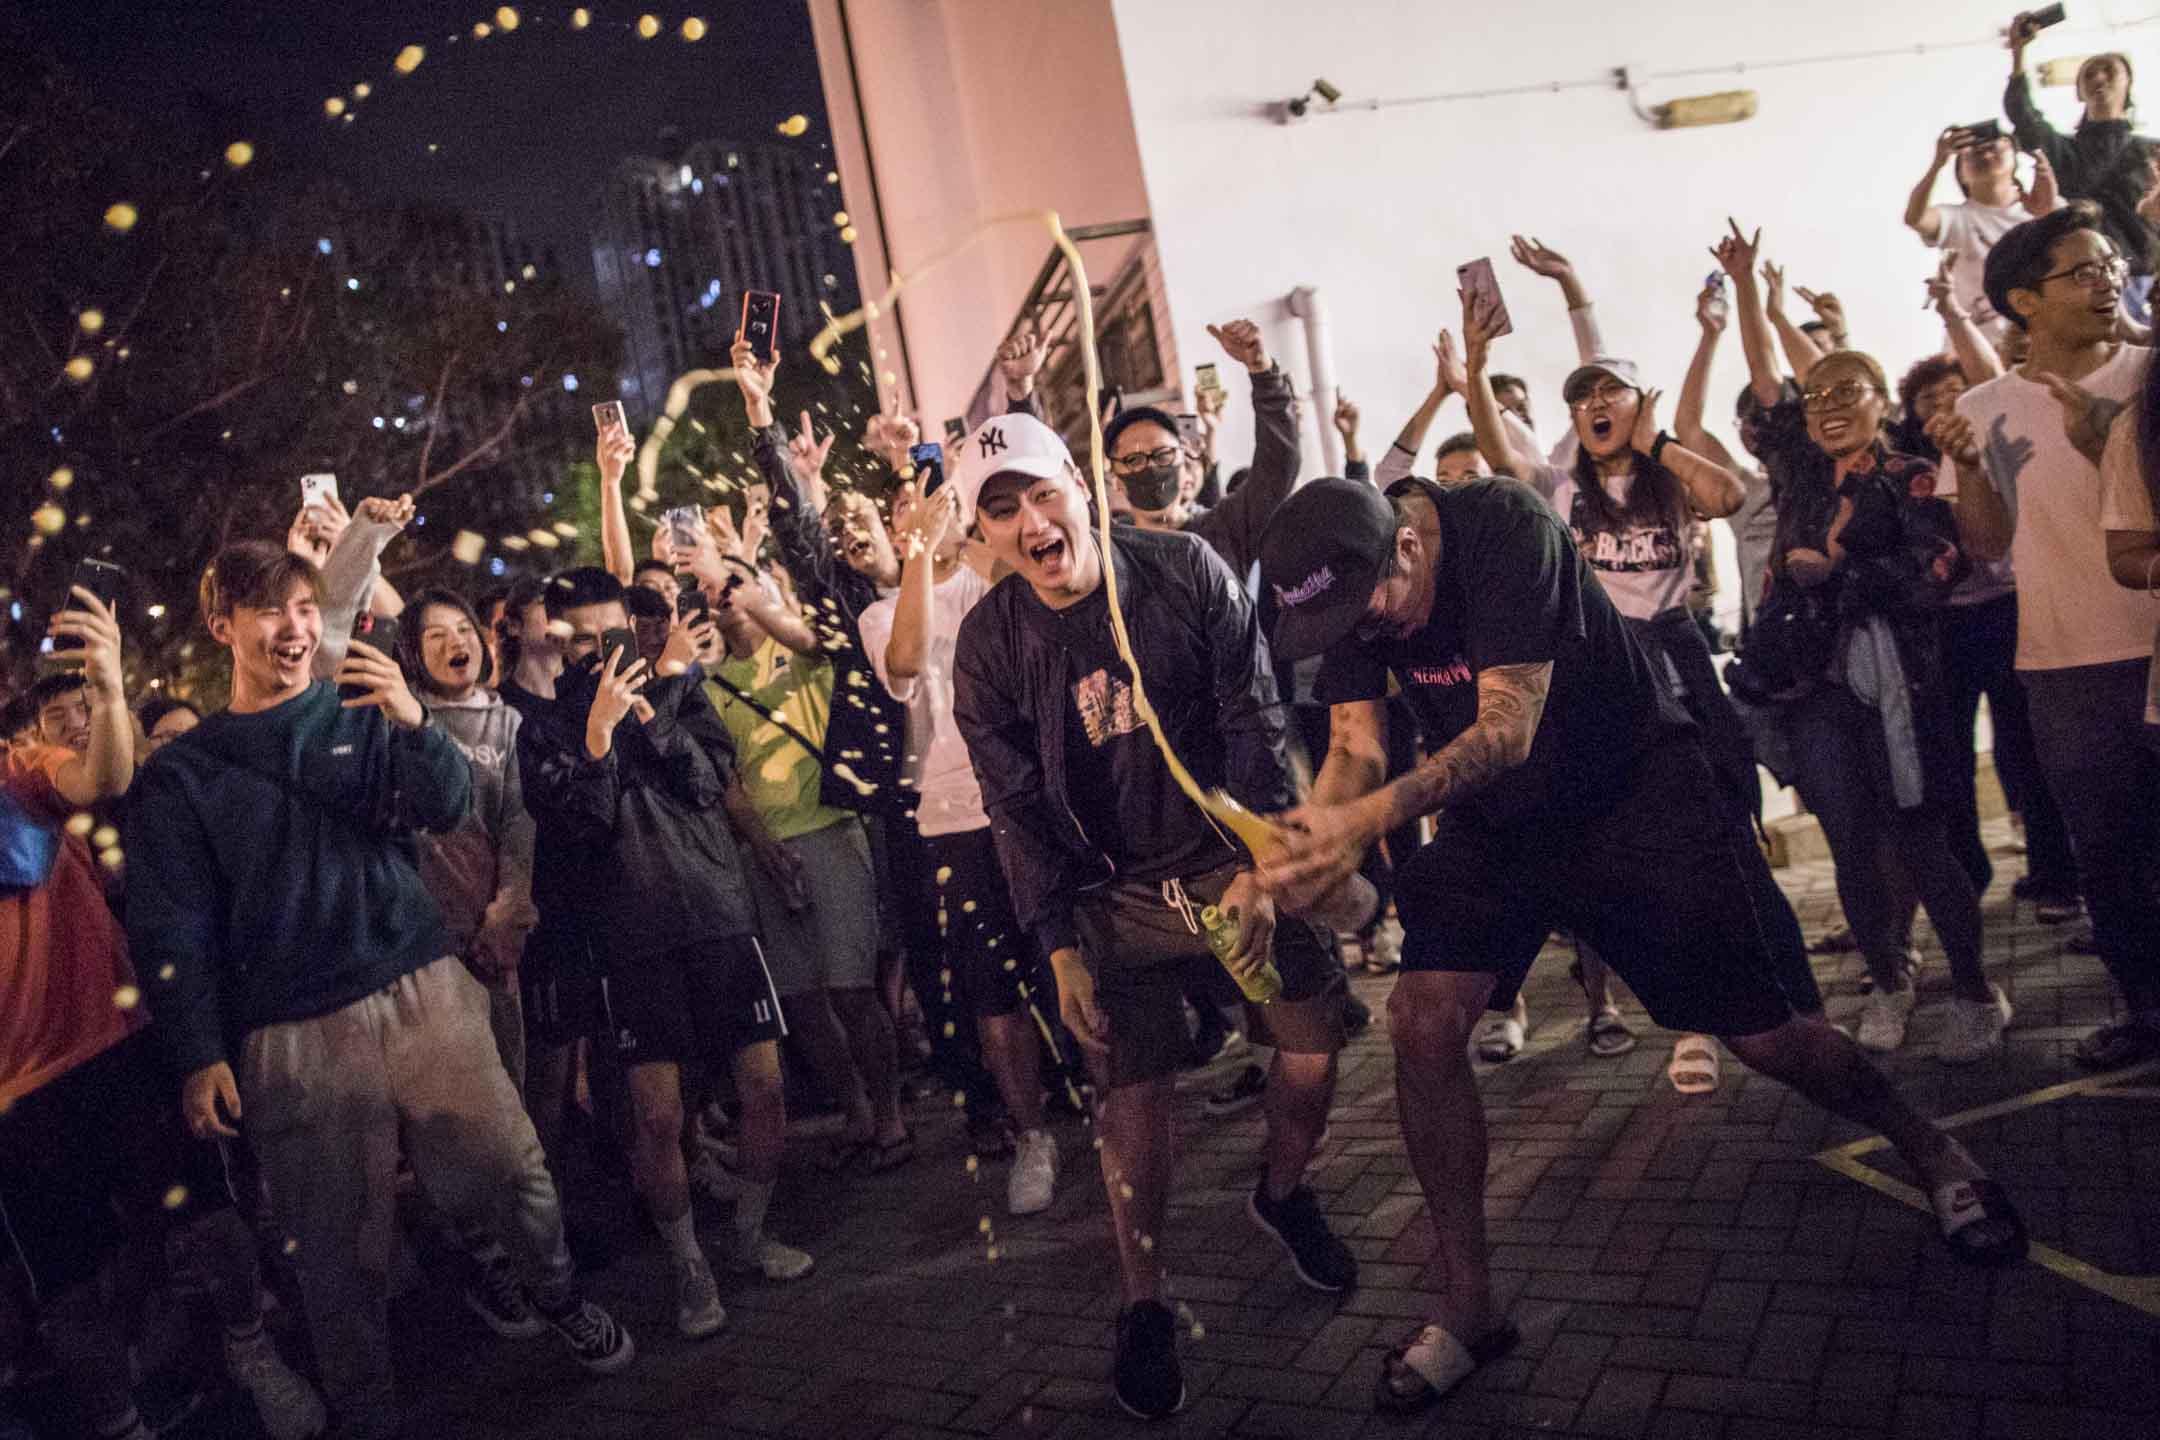 2019年11月25日凌晨,屯門樂翠選區區議會點票結果出爐,何君堯落敗,站外大批市民開香檳慶祝。